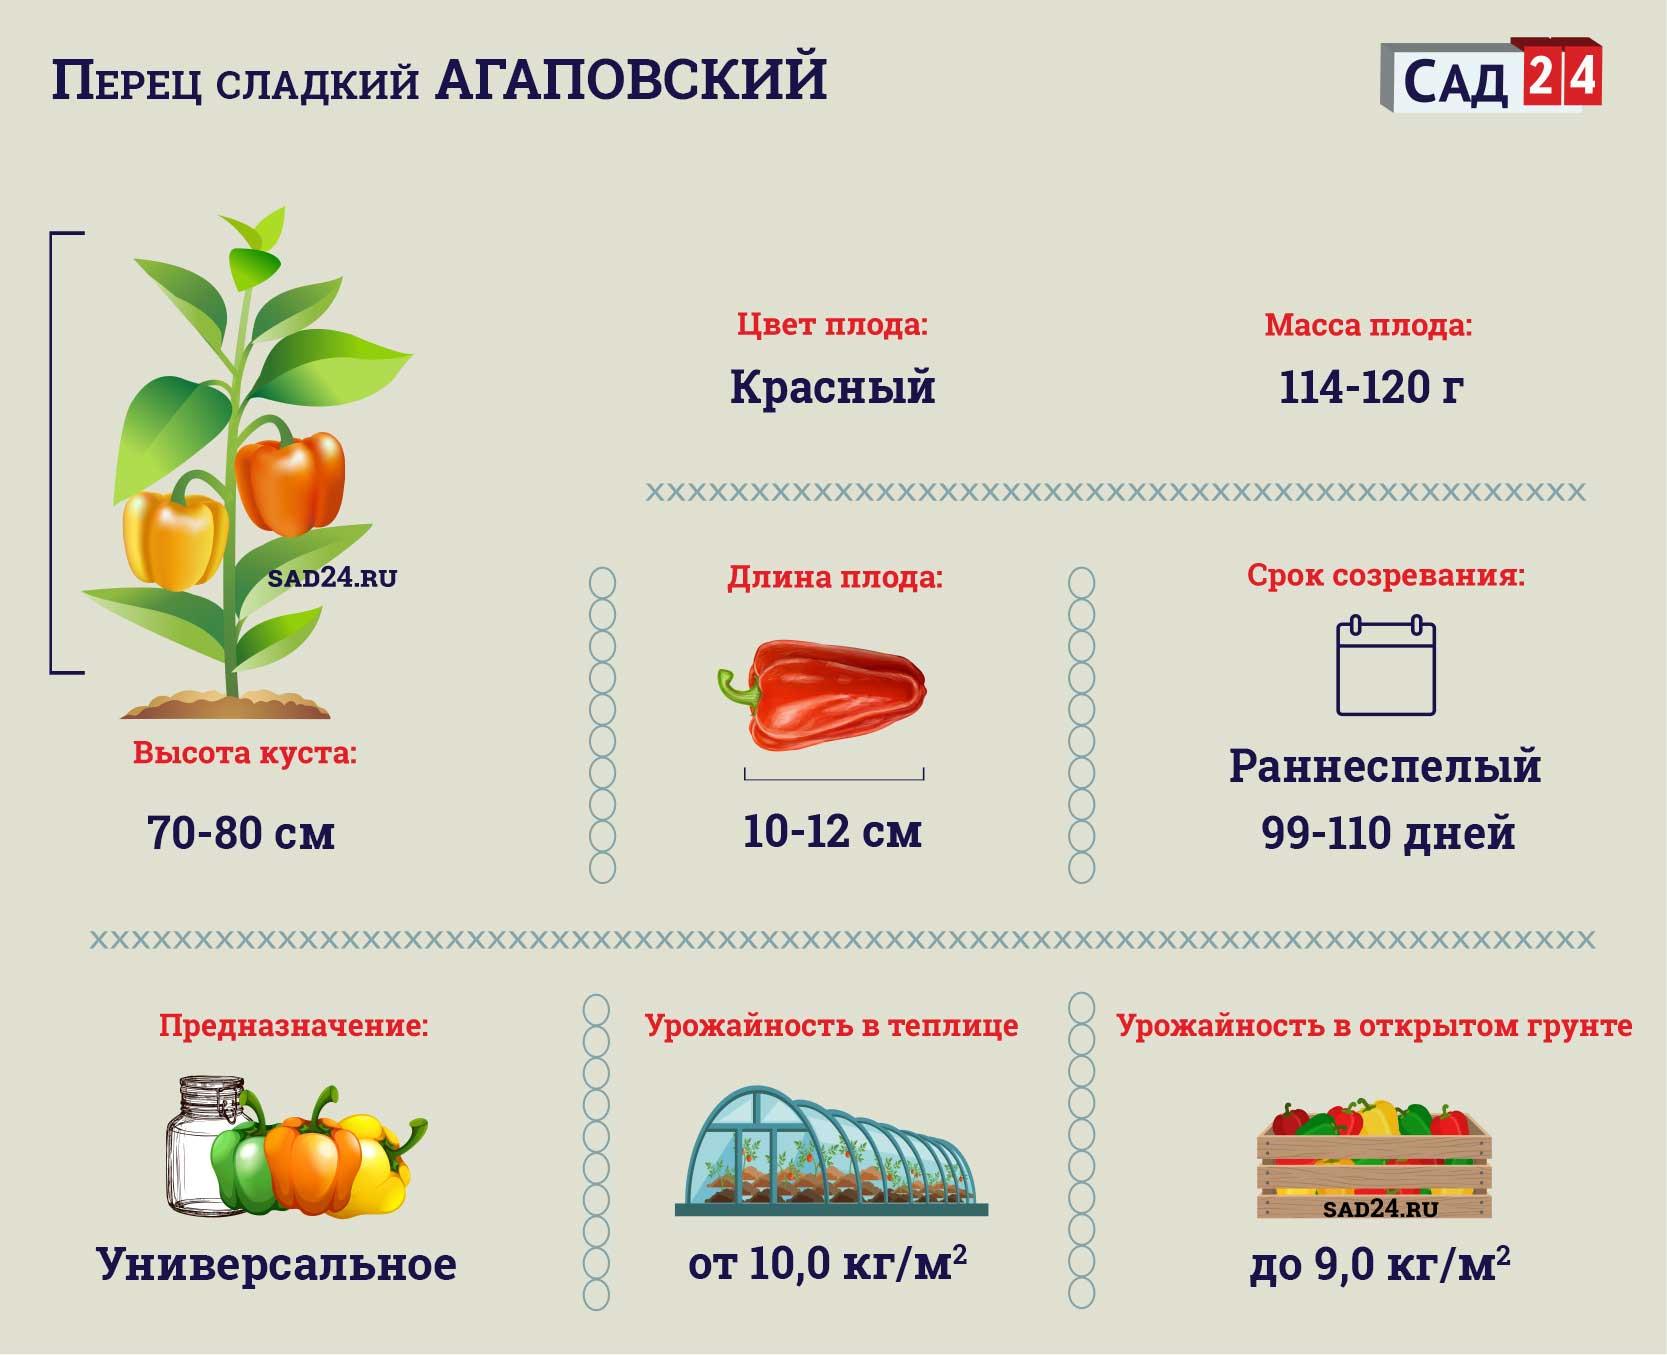 Агаповский - https://sad24.ru